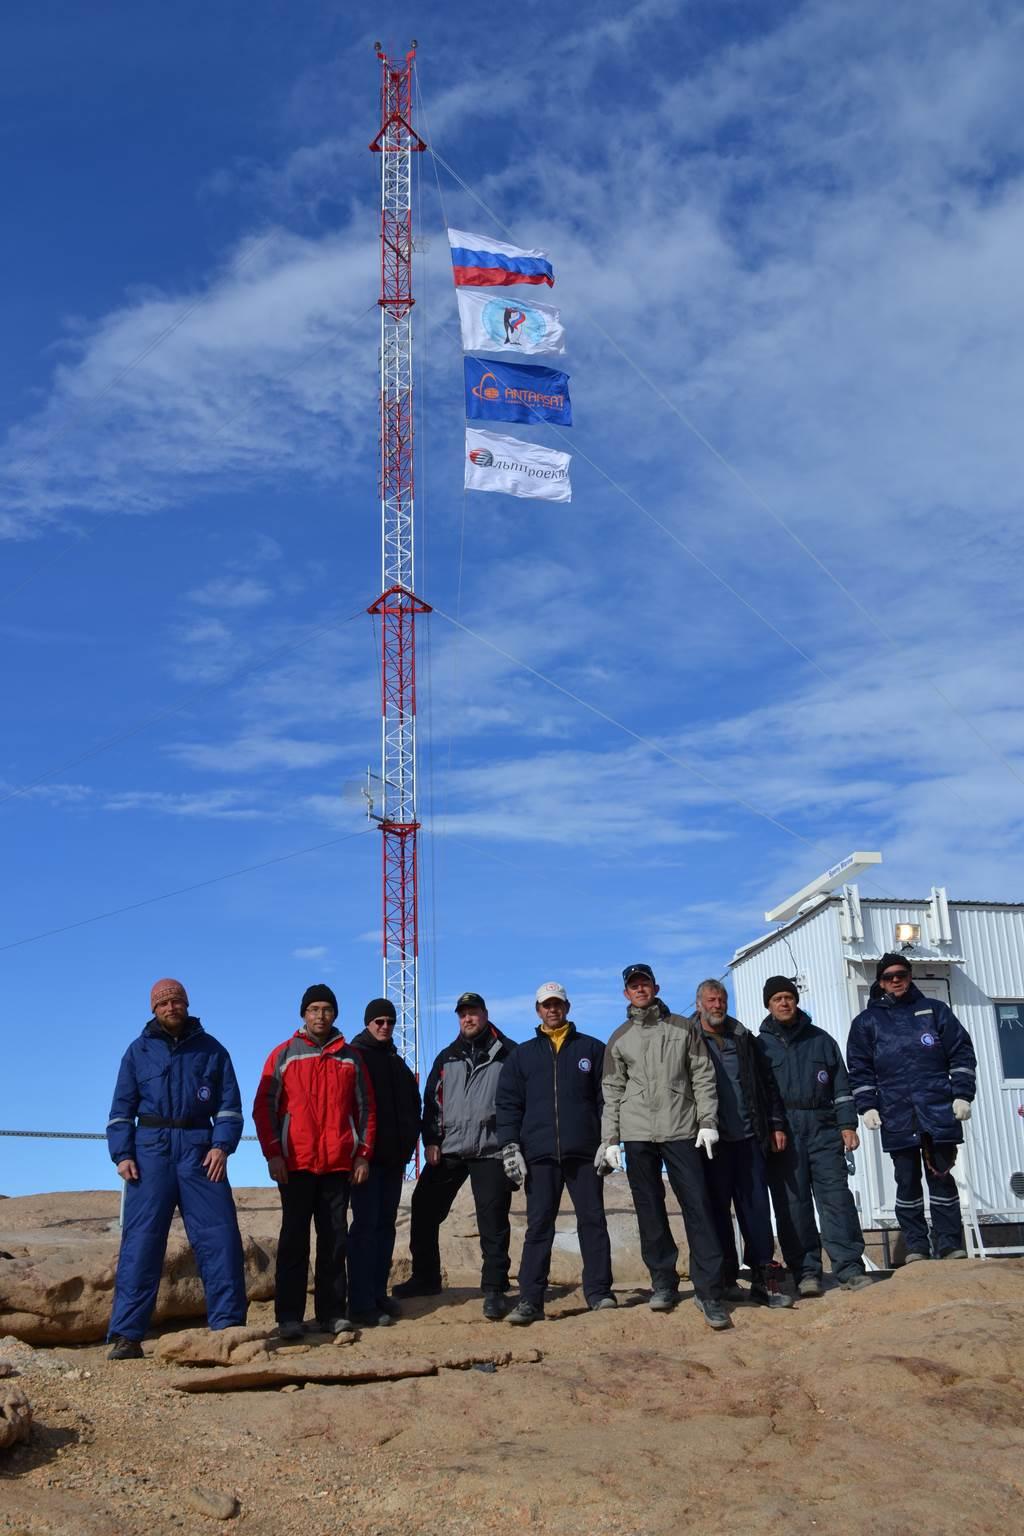 Мачта связи на полярной станции «Прогресс» в Антарктиде